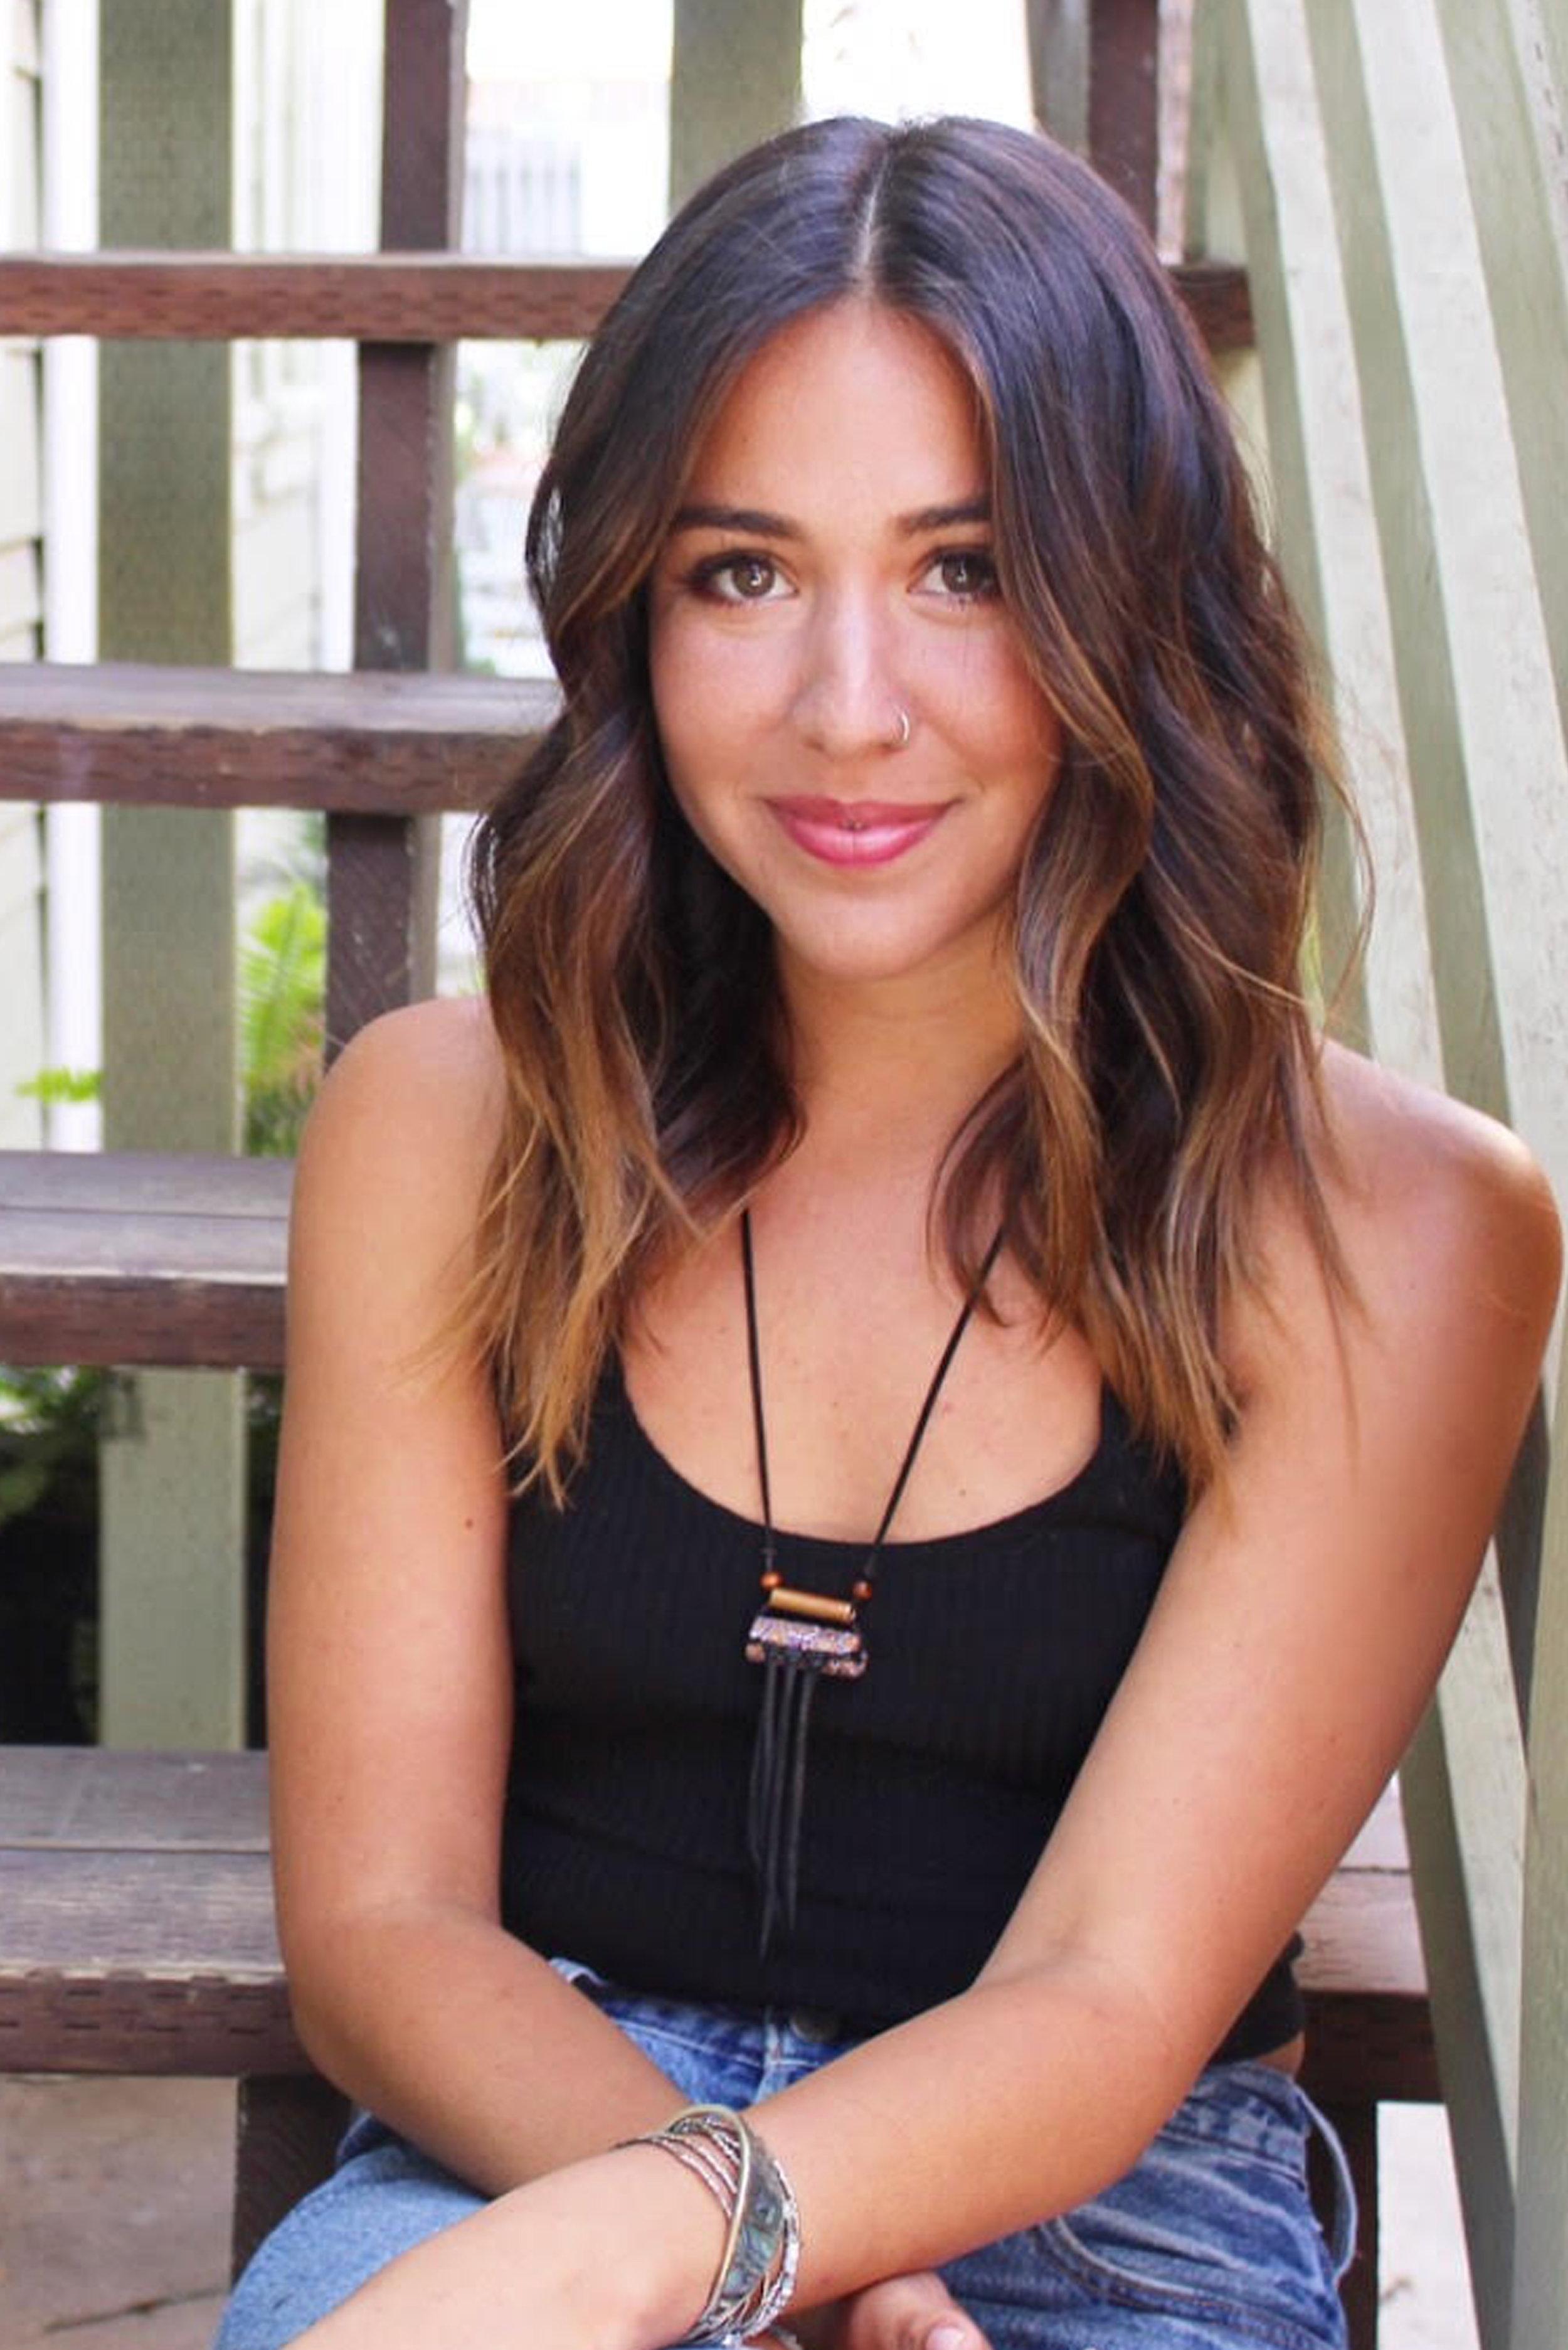 Larrissa Benavidez - Hair and Makeup Artist